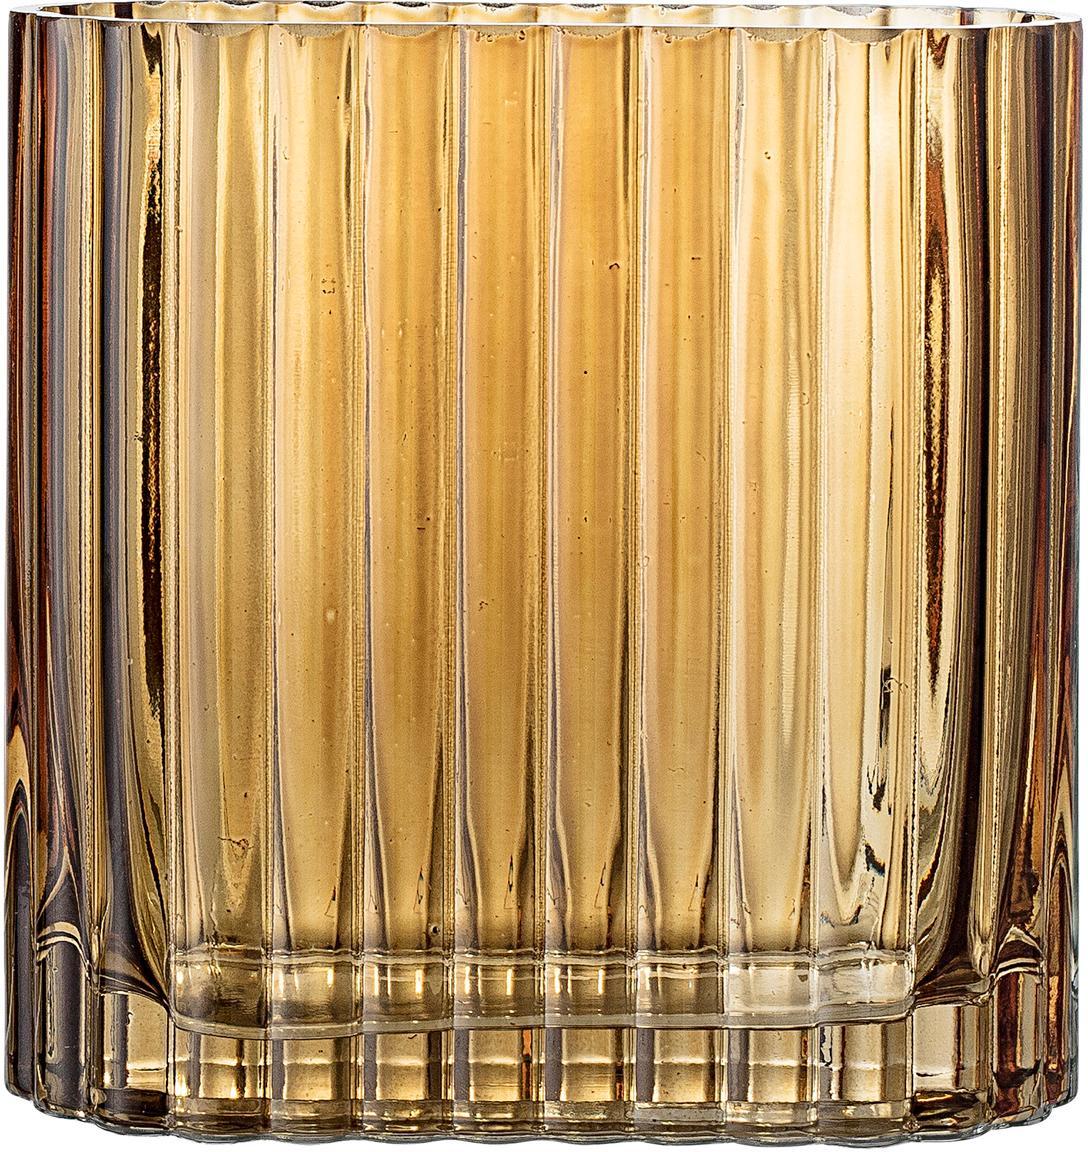 Kleine Glas-Vase Don, Glas, Braun, transparent, 14 x 14 cm